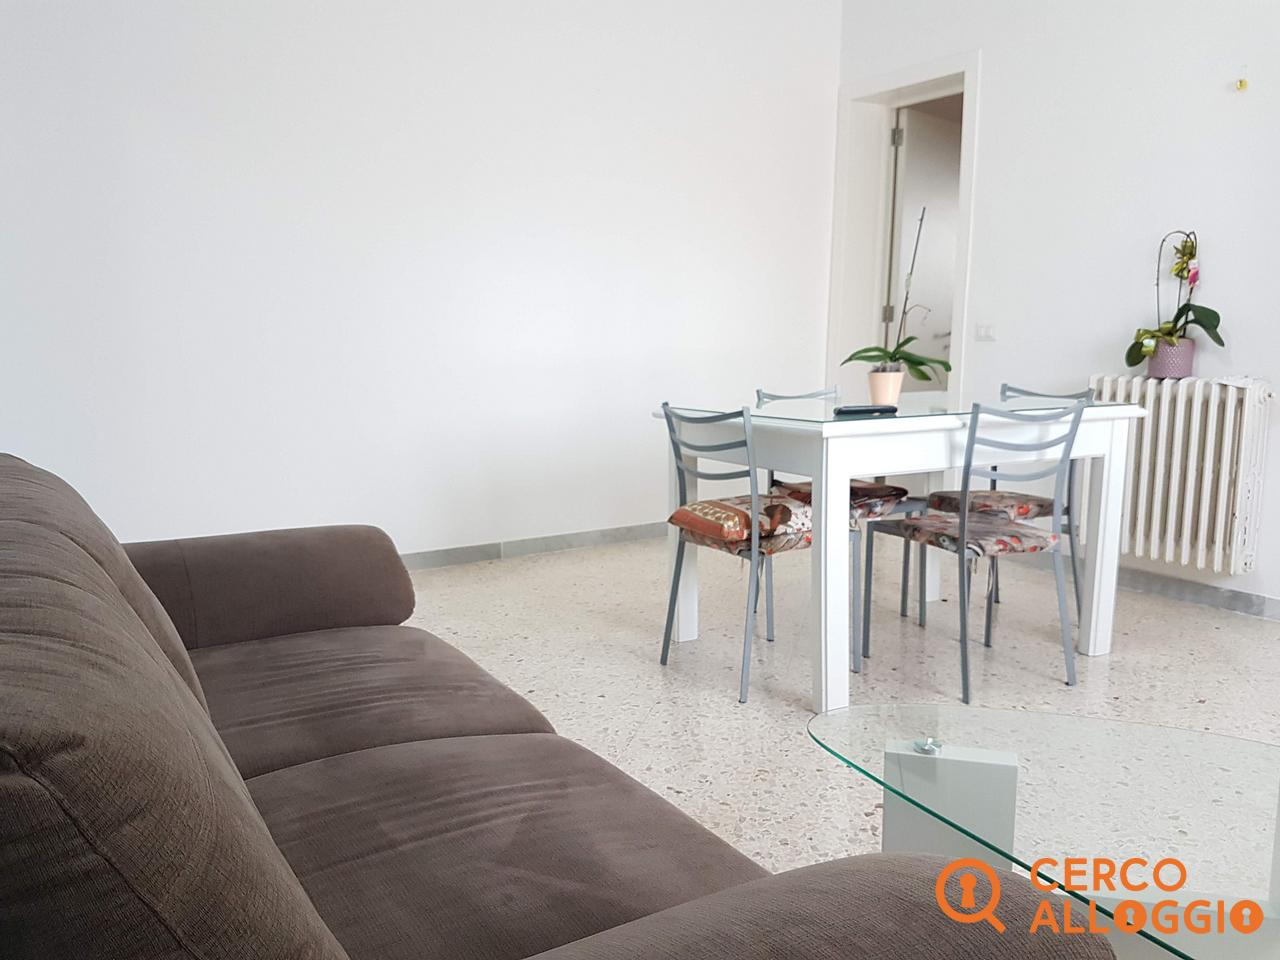 Copertina annuncio affitto in Lecce